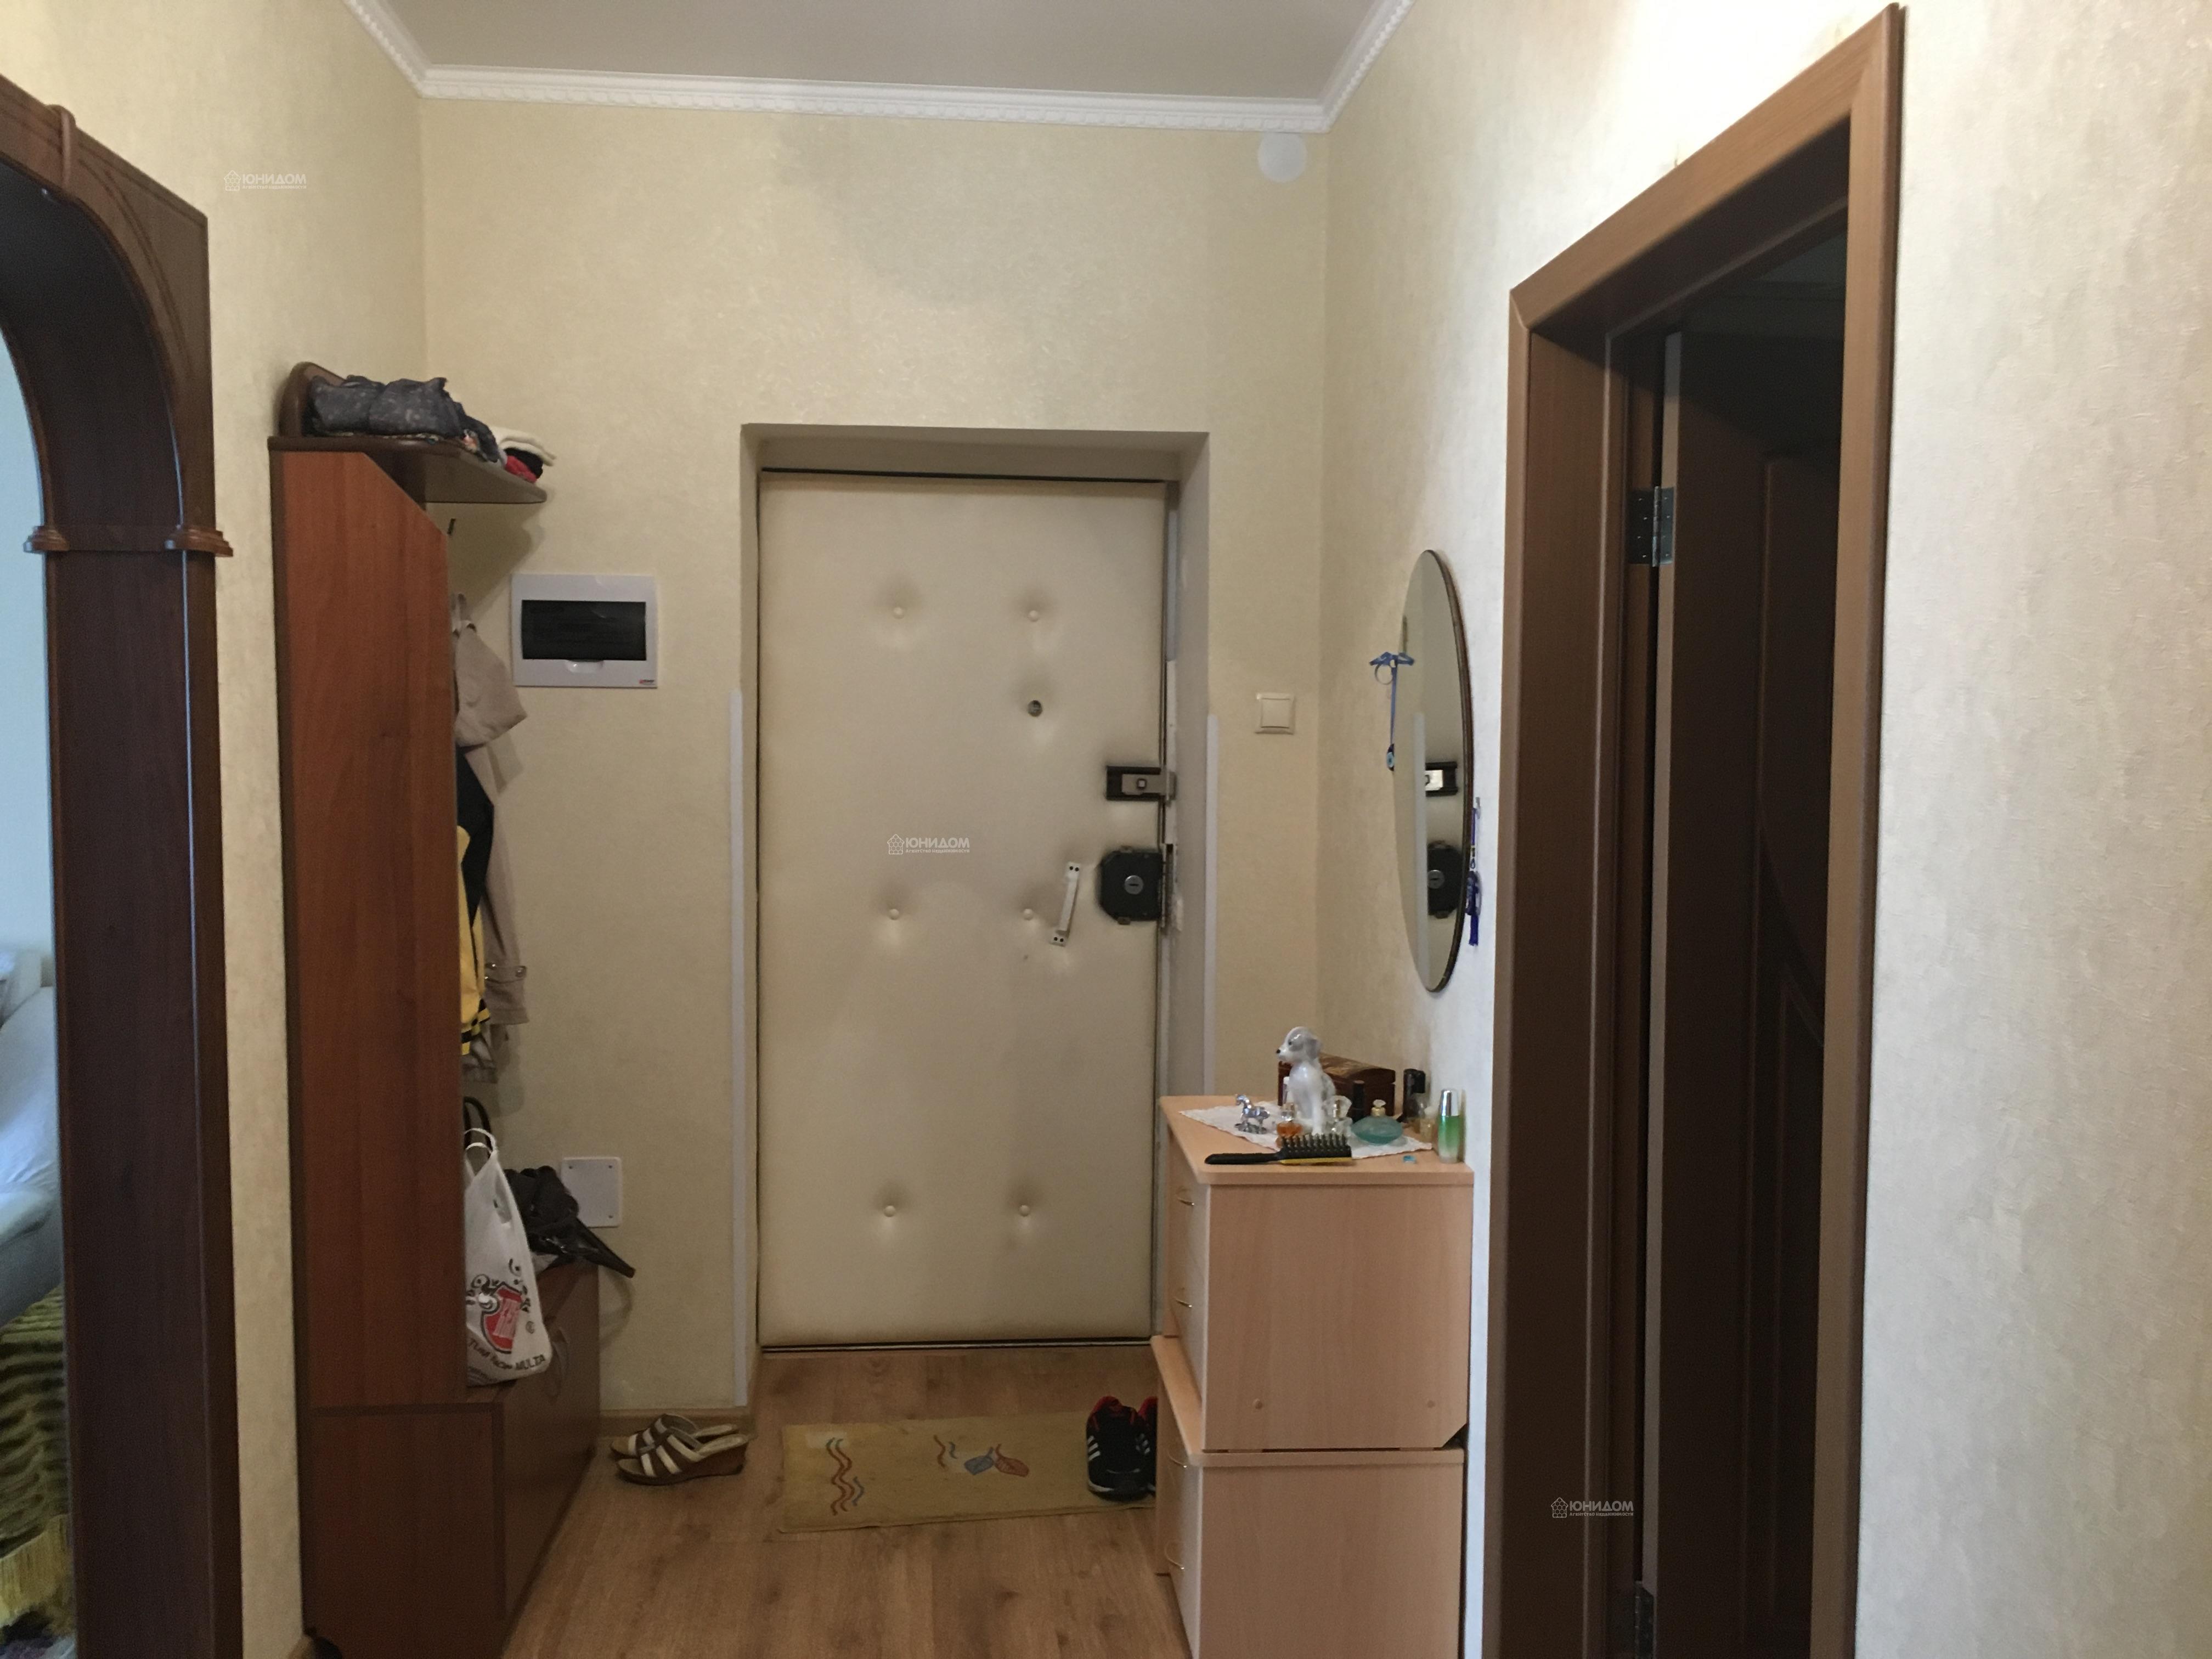 Продам 3-комн. квартиру по адресу Россия, Тюменская область, Тюмень, Минская 102 фото 6 по выгодной цене